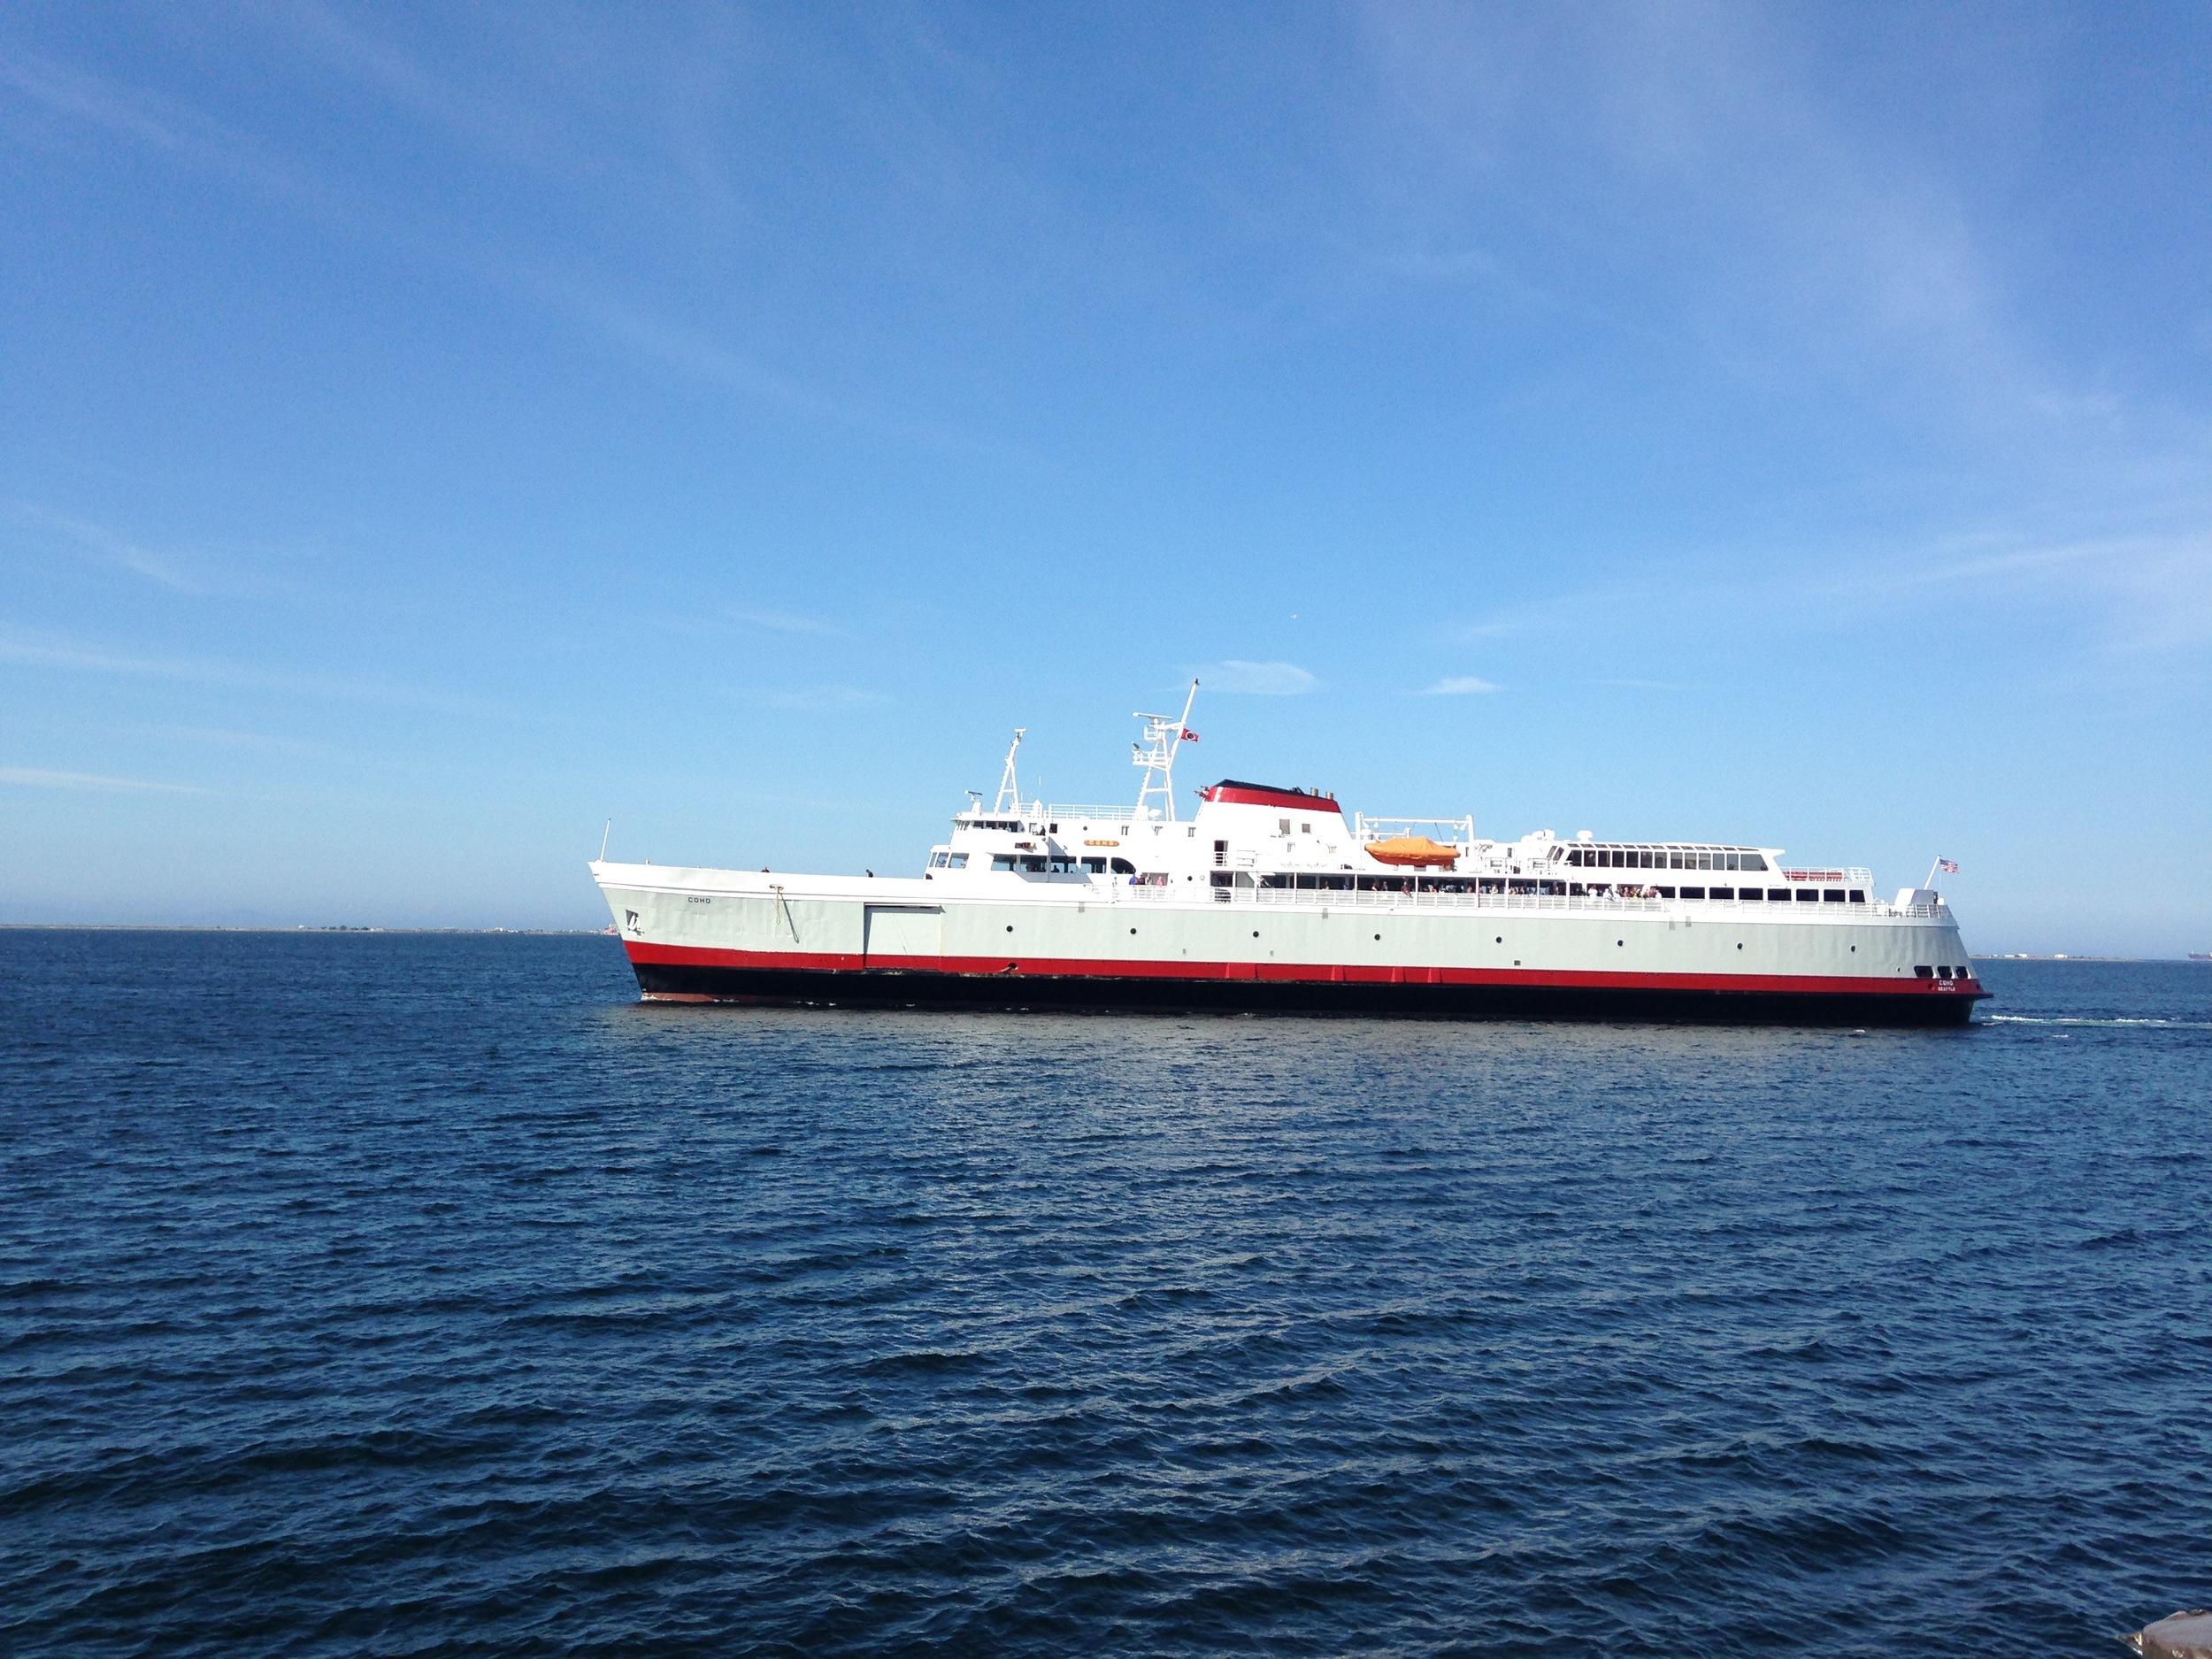 Port Angeles/Victoria Ferry